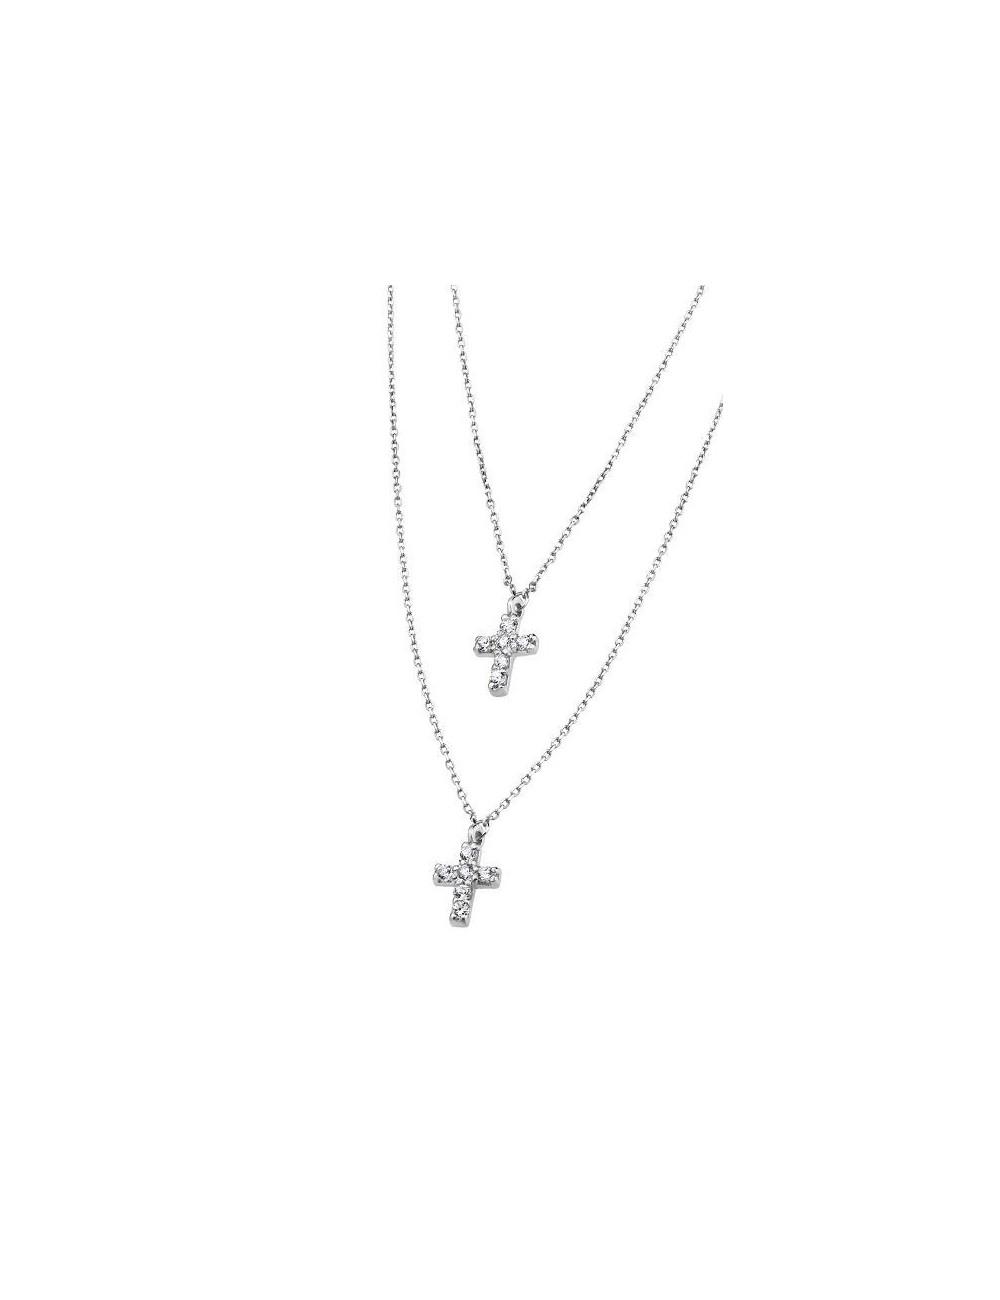 Gargantilla plata doble cadena con cruces circonitas Lotus Silver LP1243-1/1